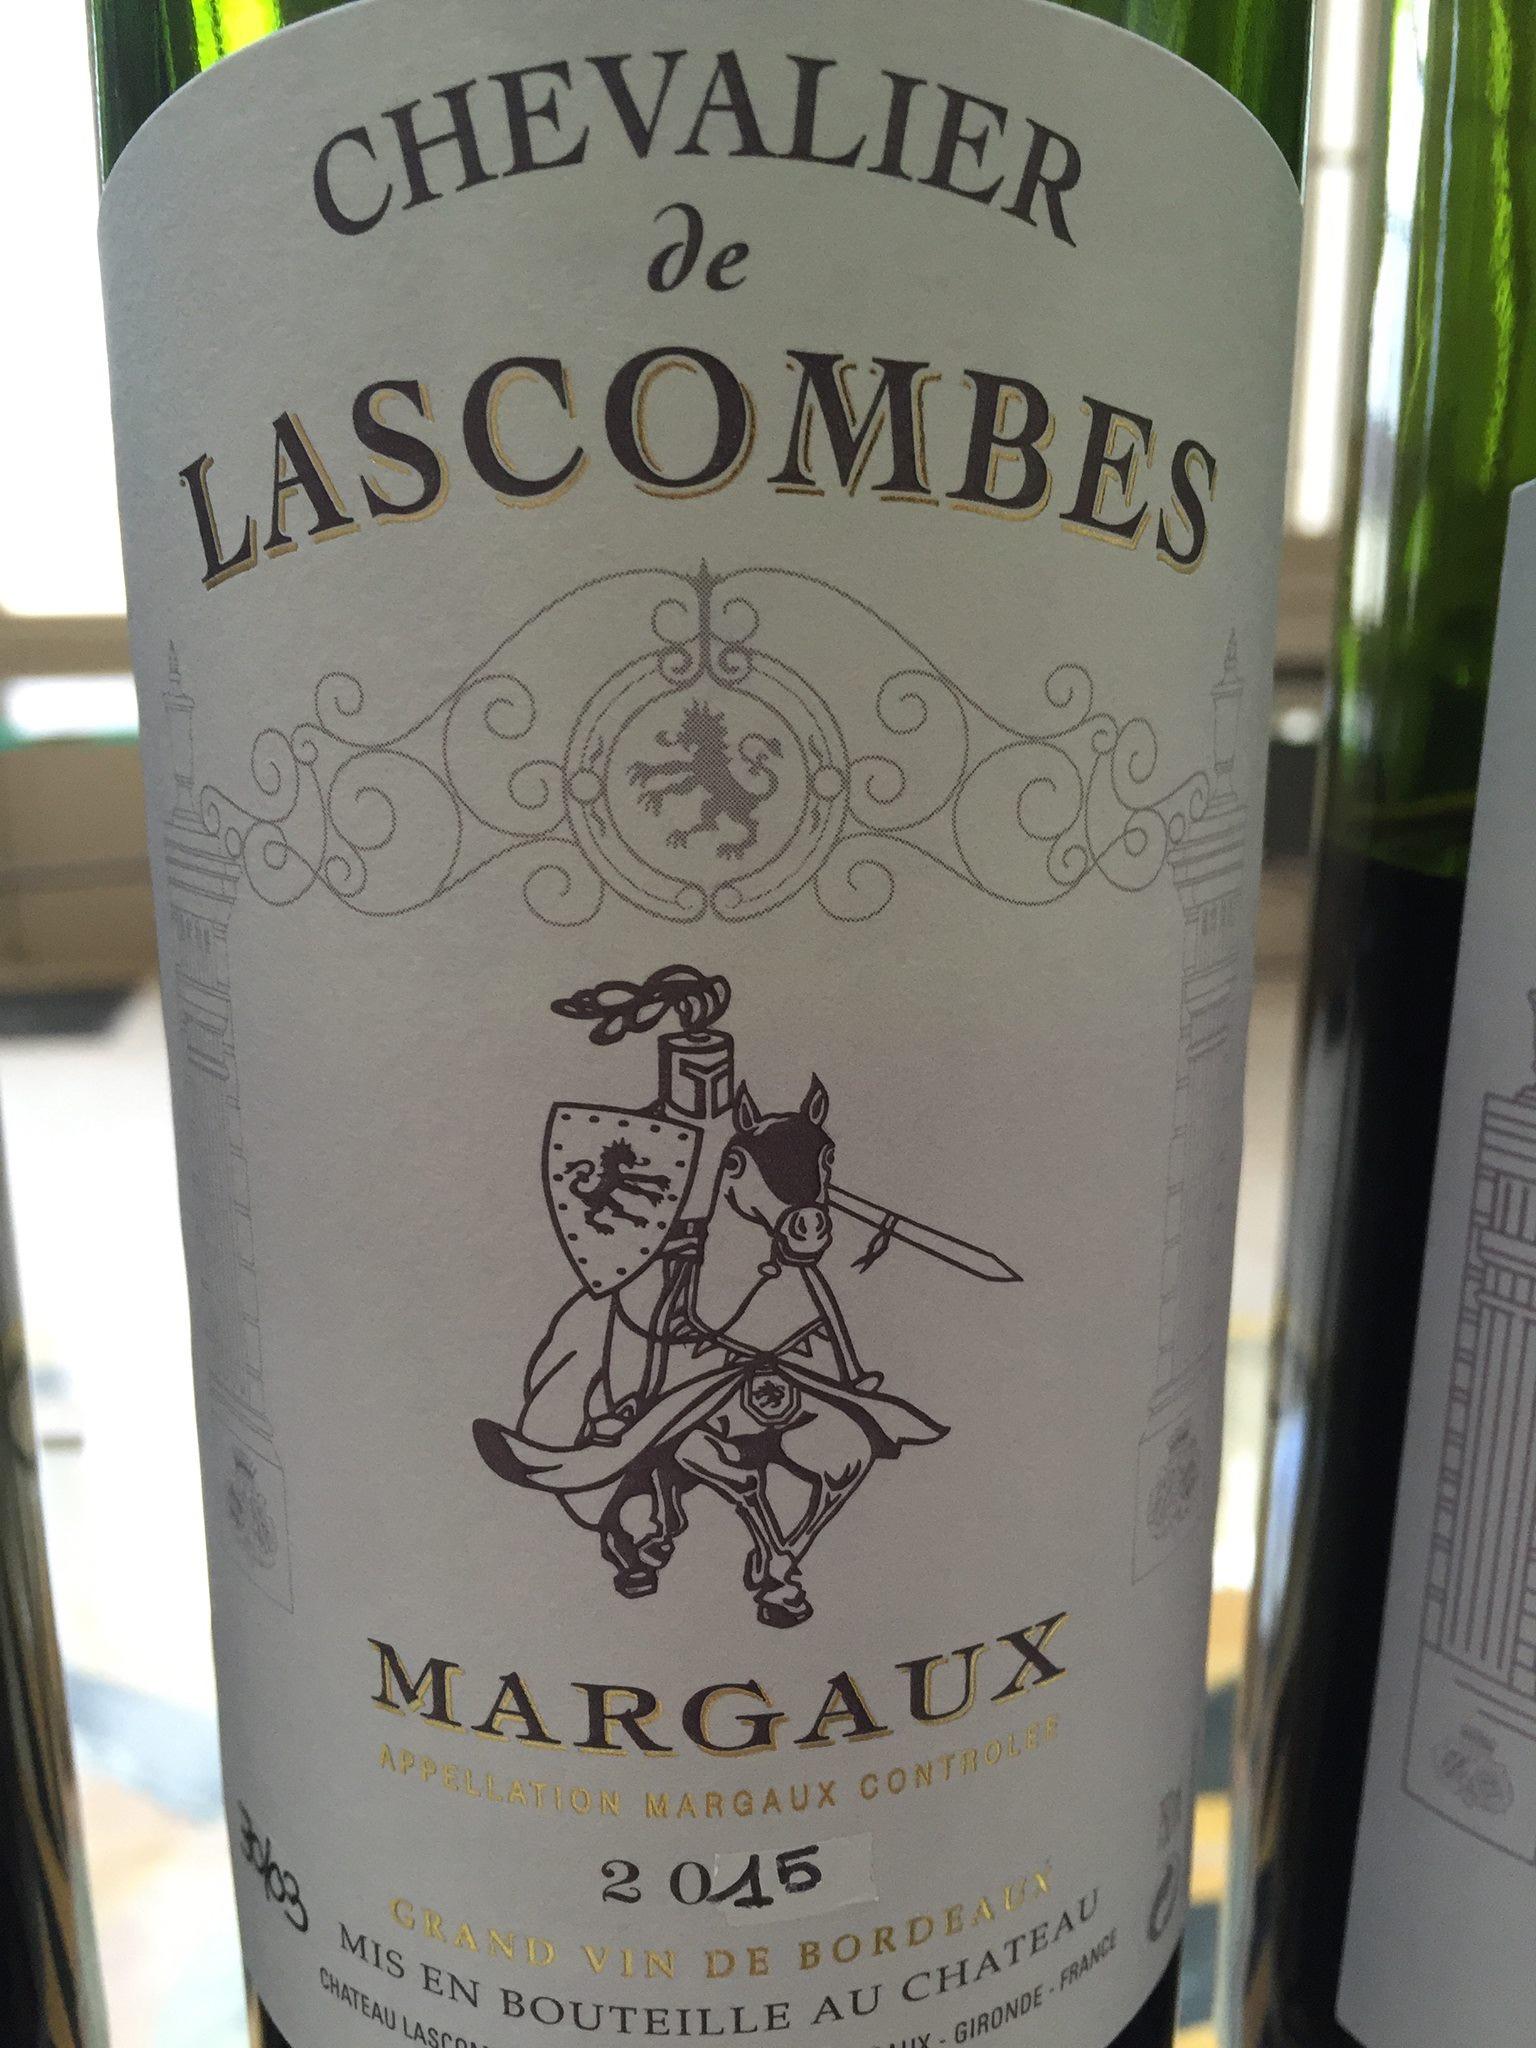 Chevalier du Château de Lascombes 2015 – Margaux